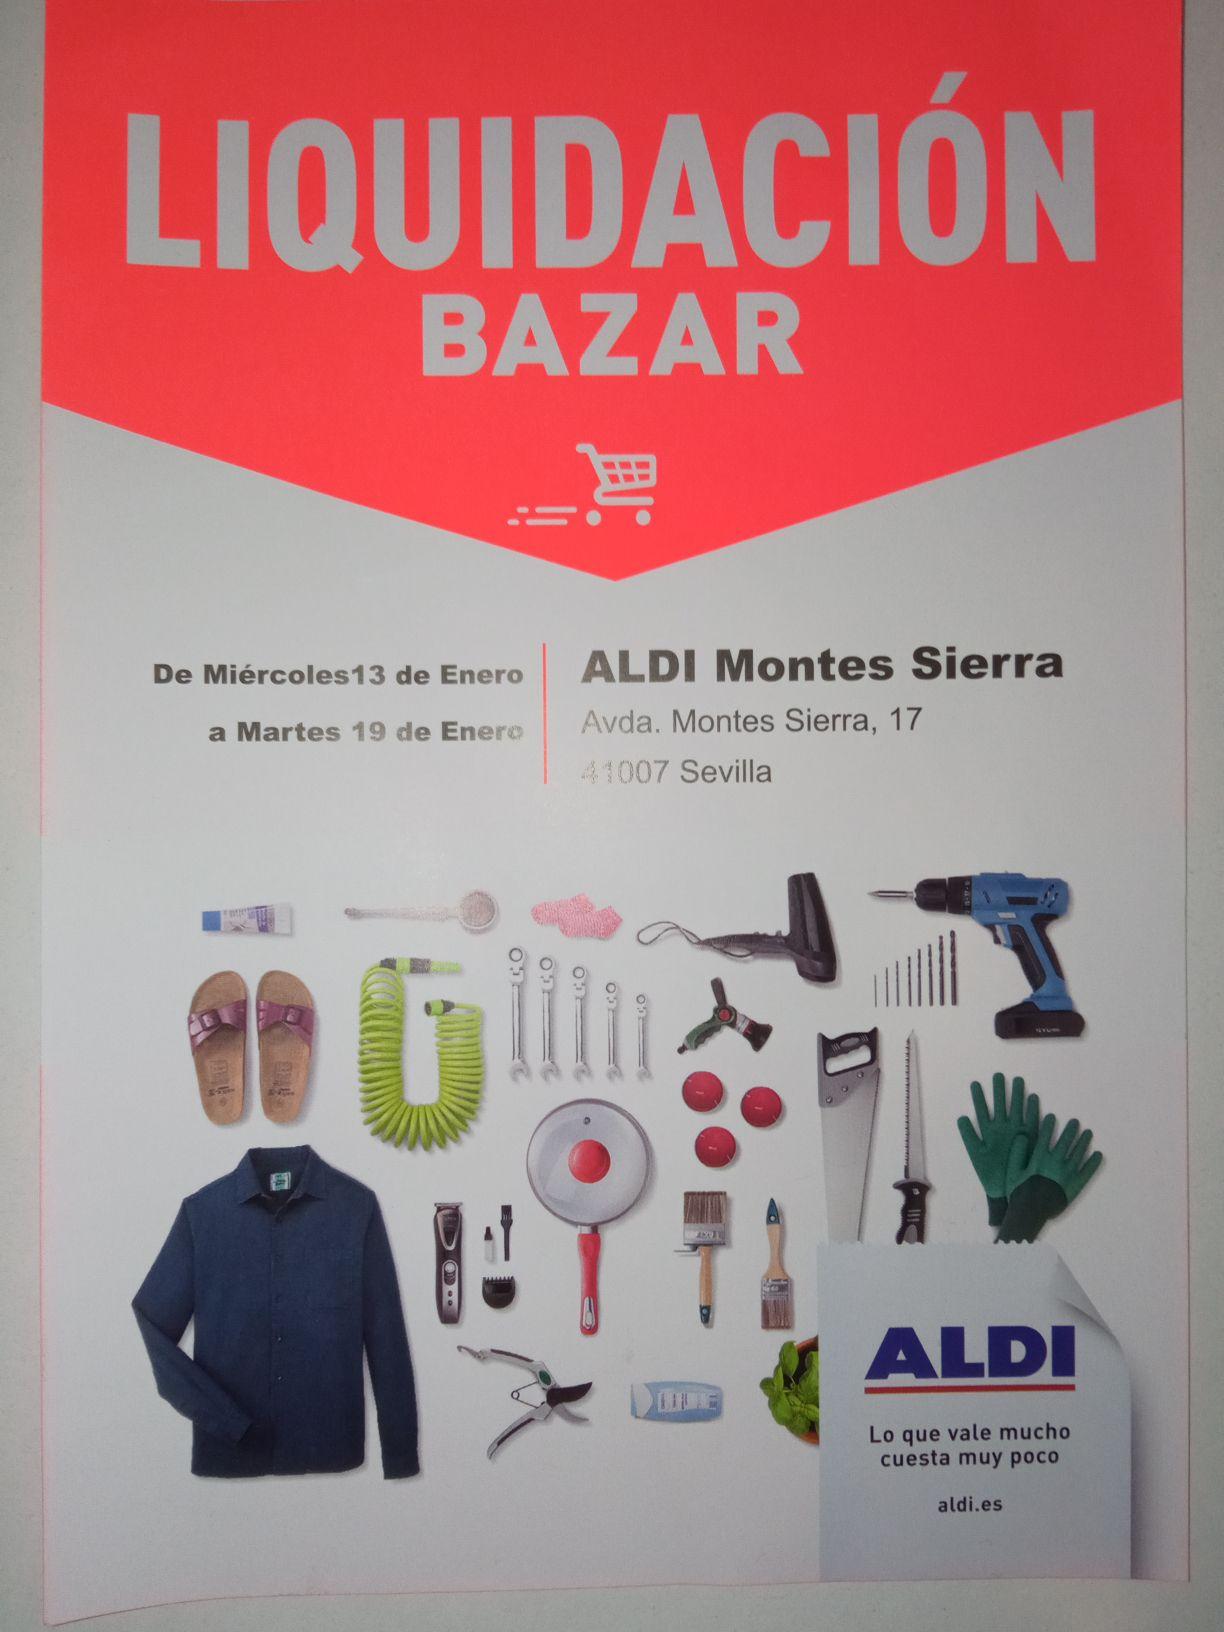 Liquidación Bazar Aldi